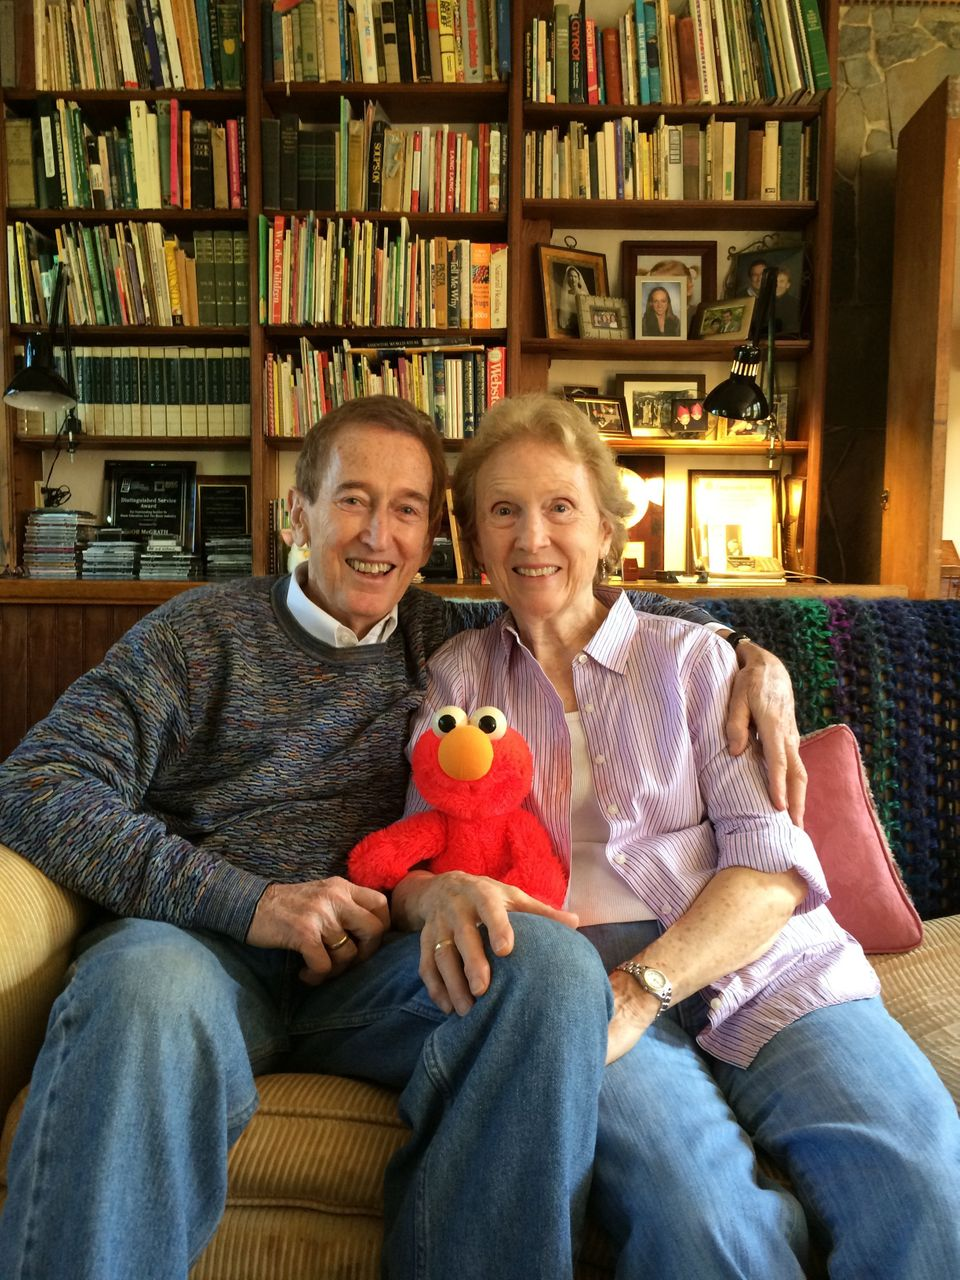 Bob and Ann McGrath at home.